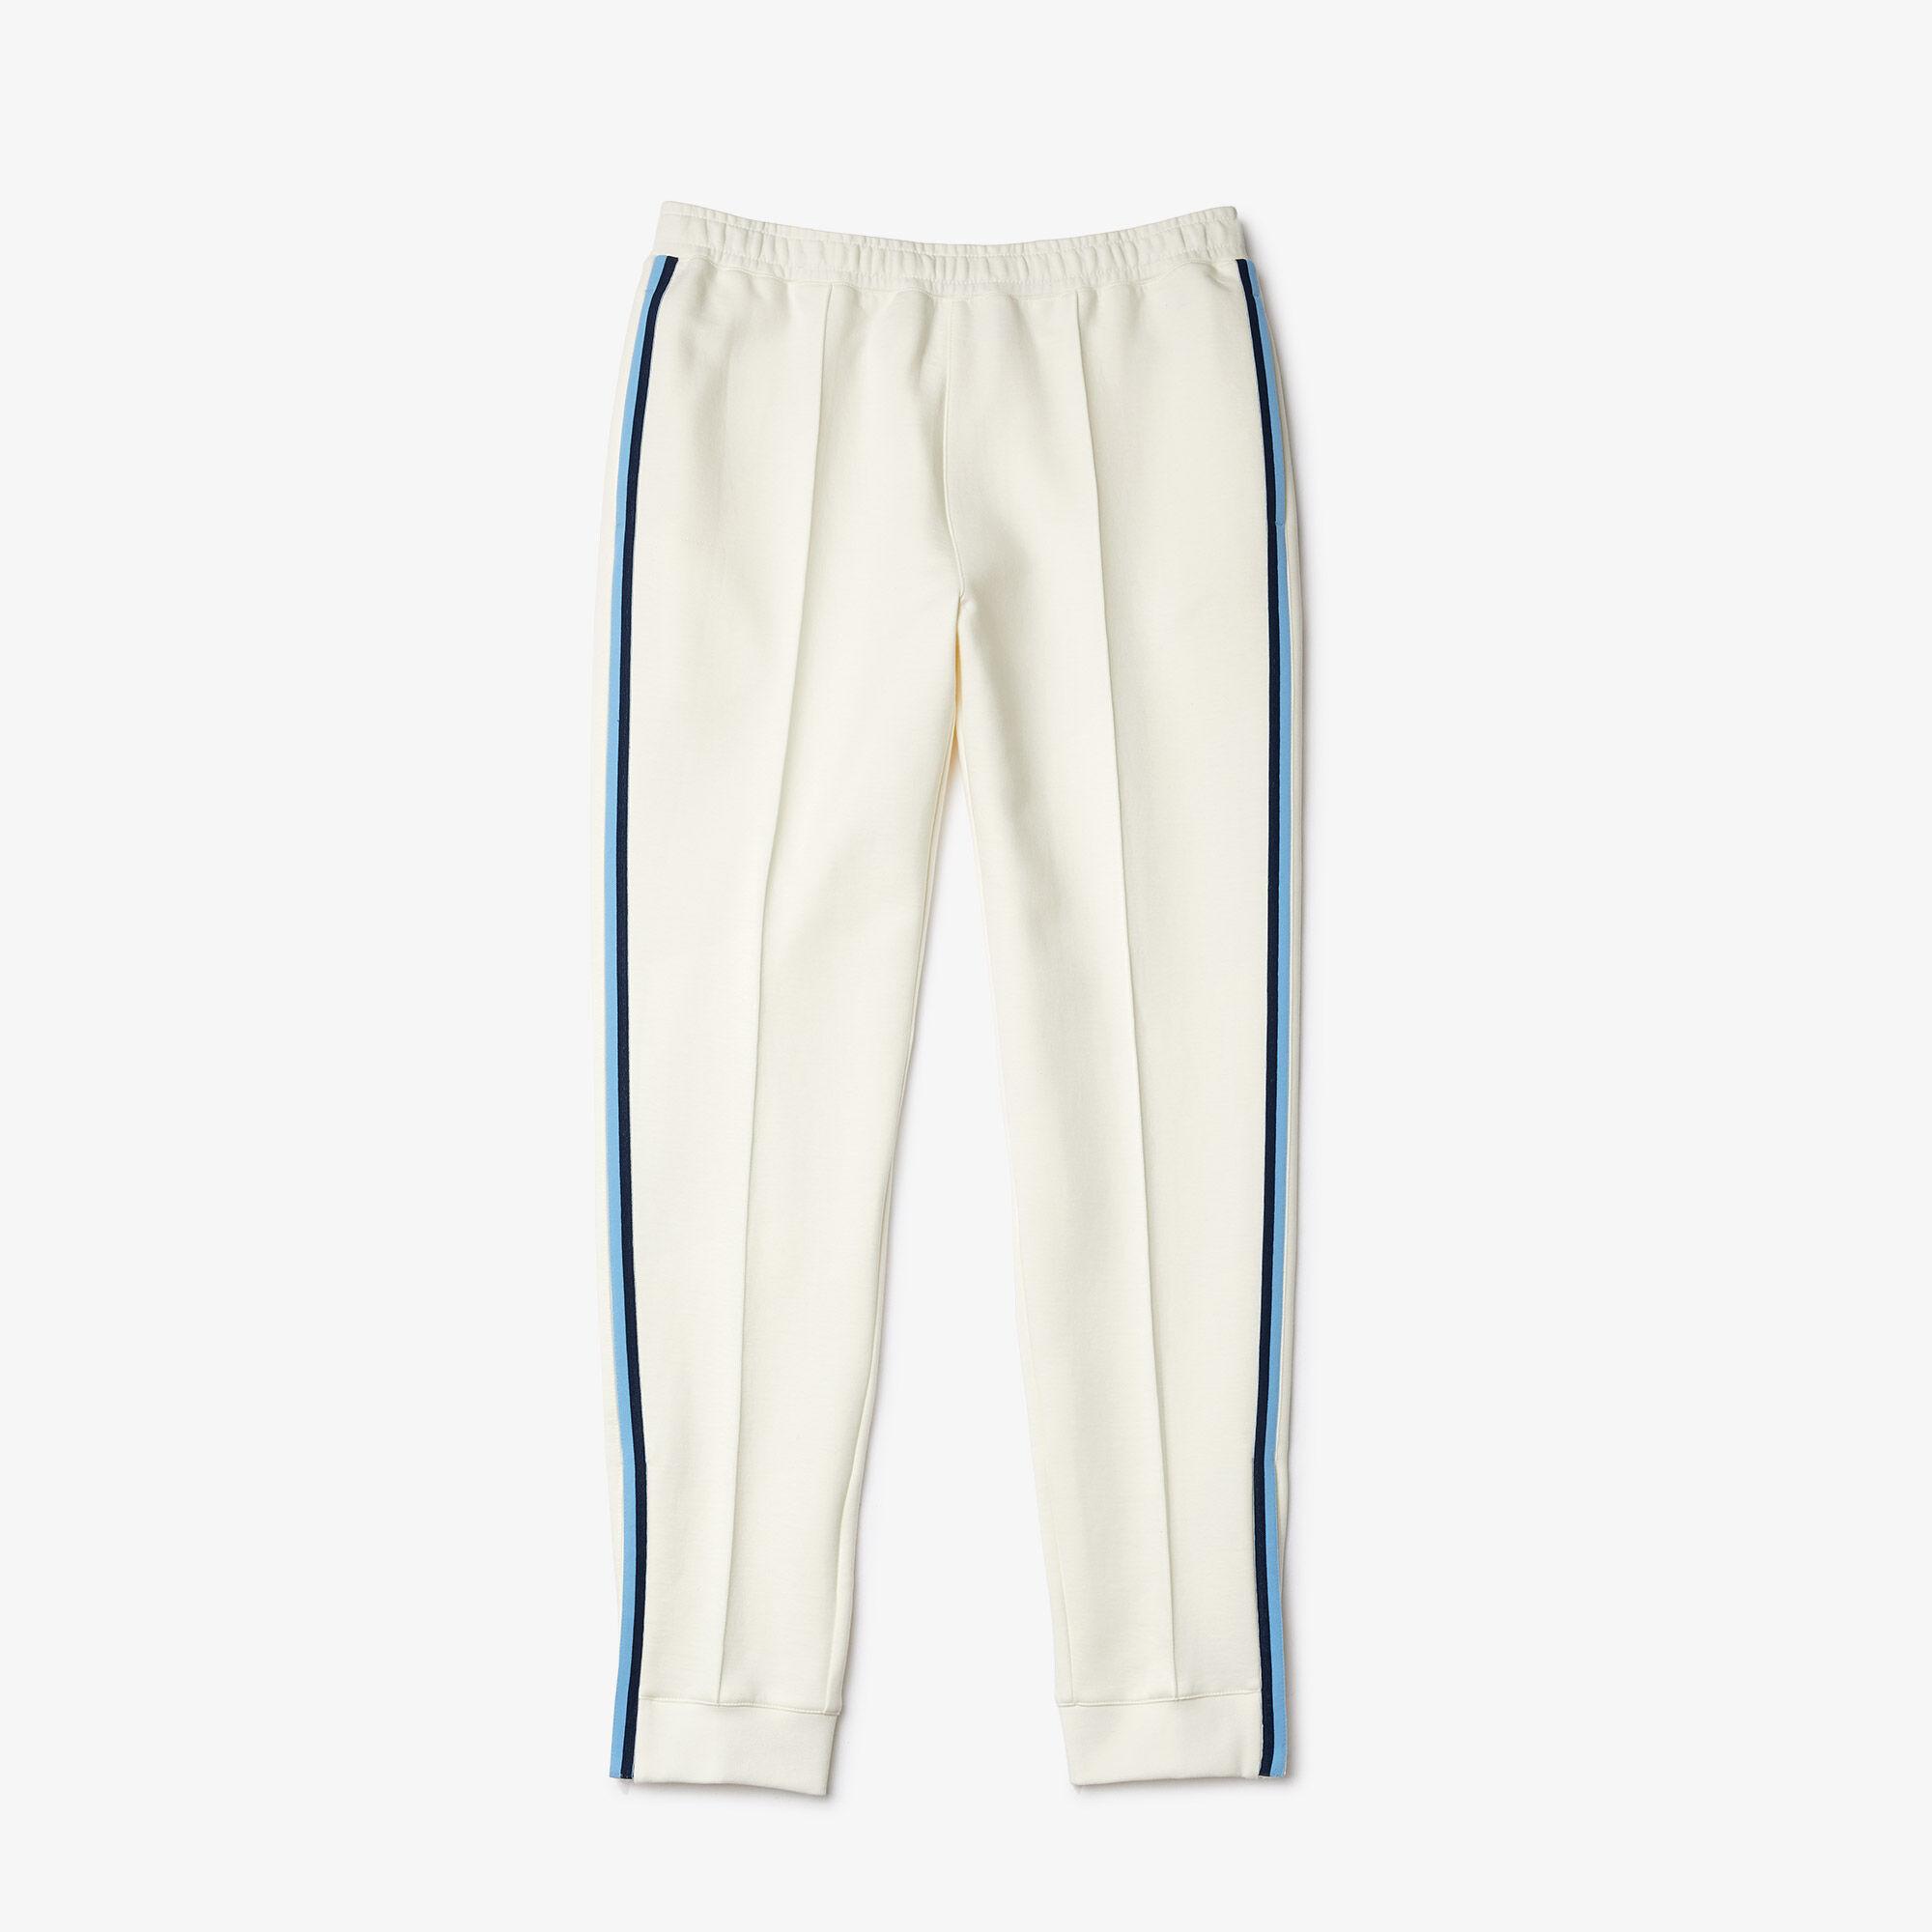 Unisex Organic Cotton Tracksuit Pants